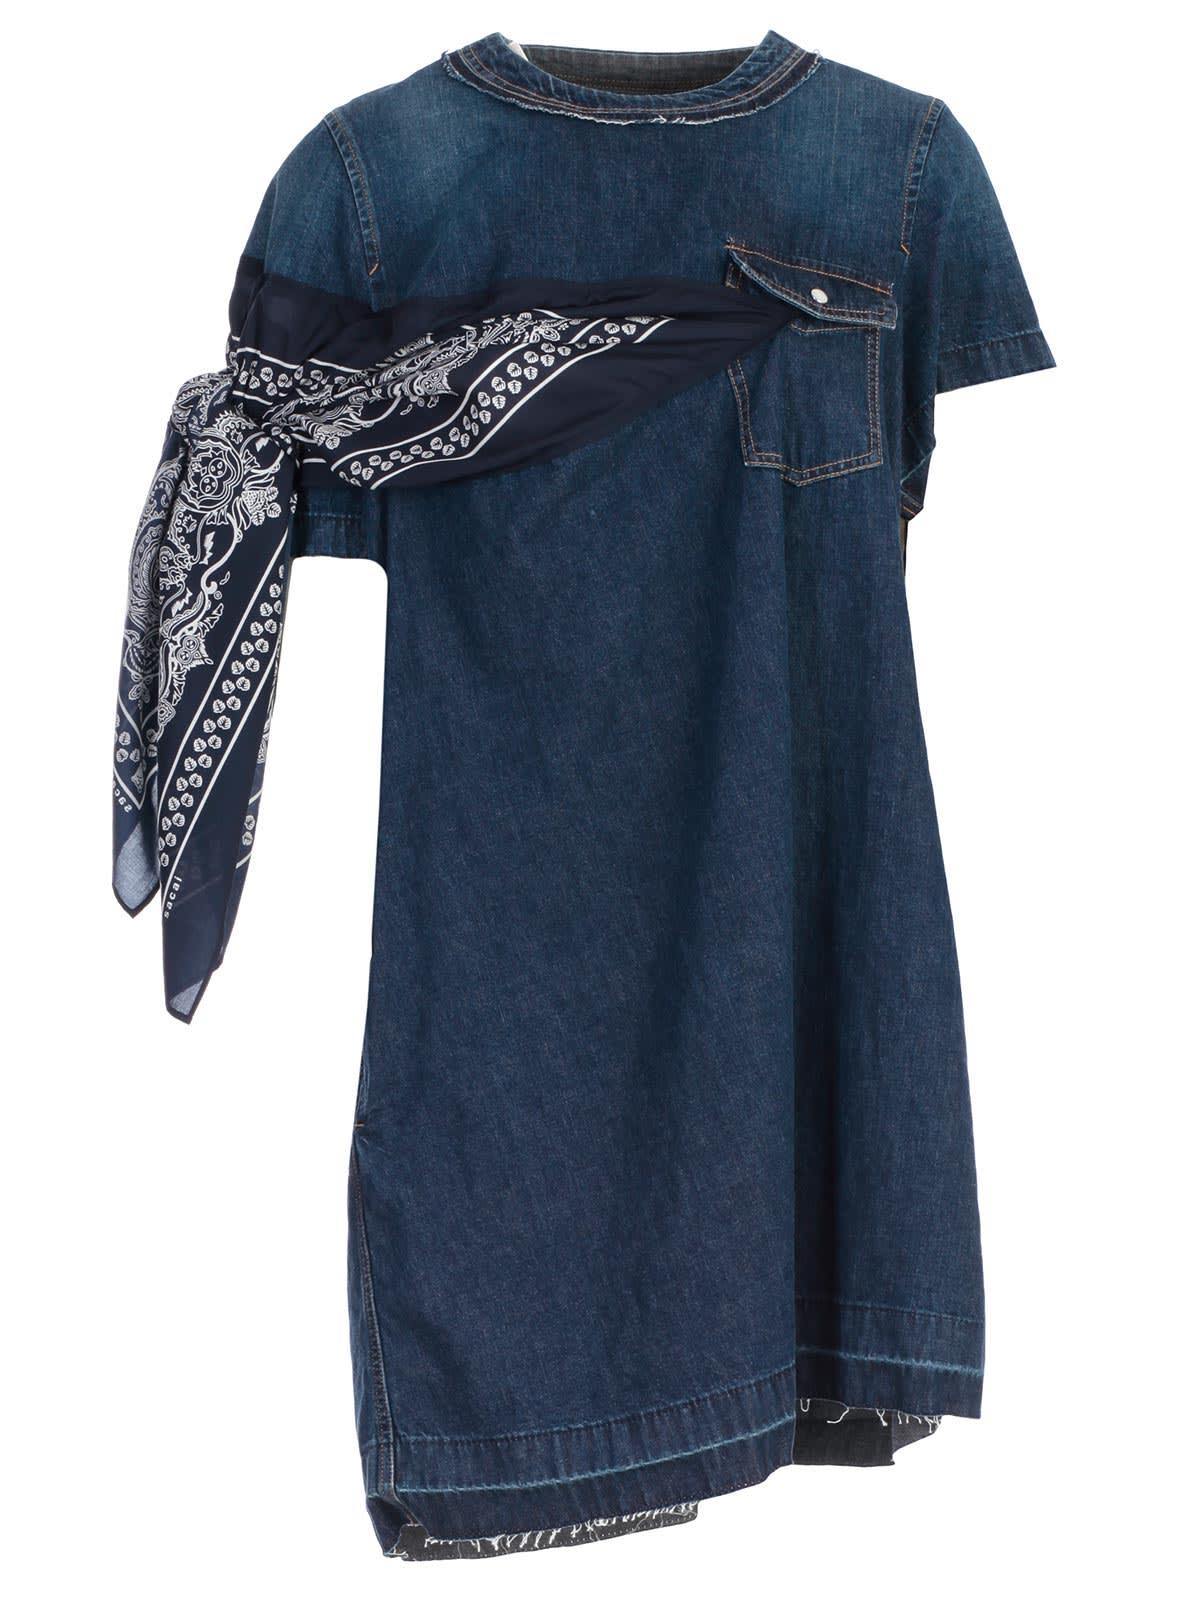 Sacai Denim Scarf Detail Dress